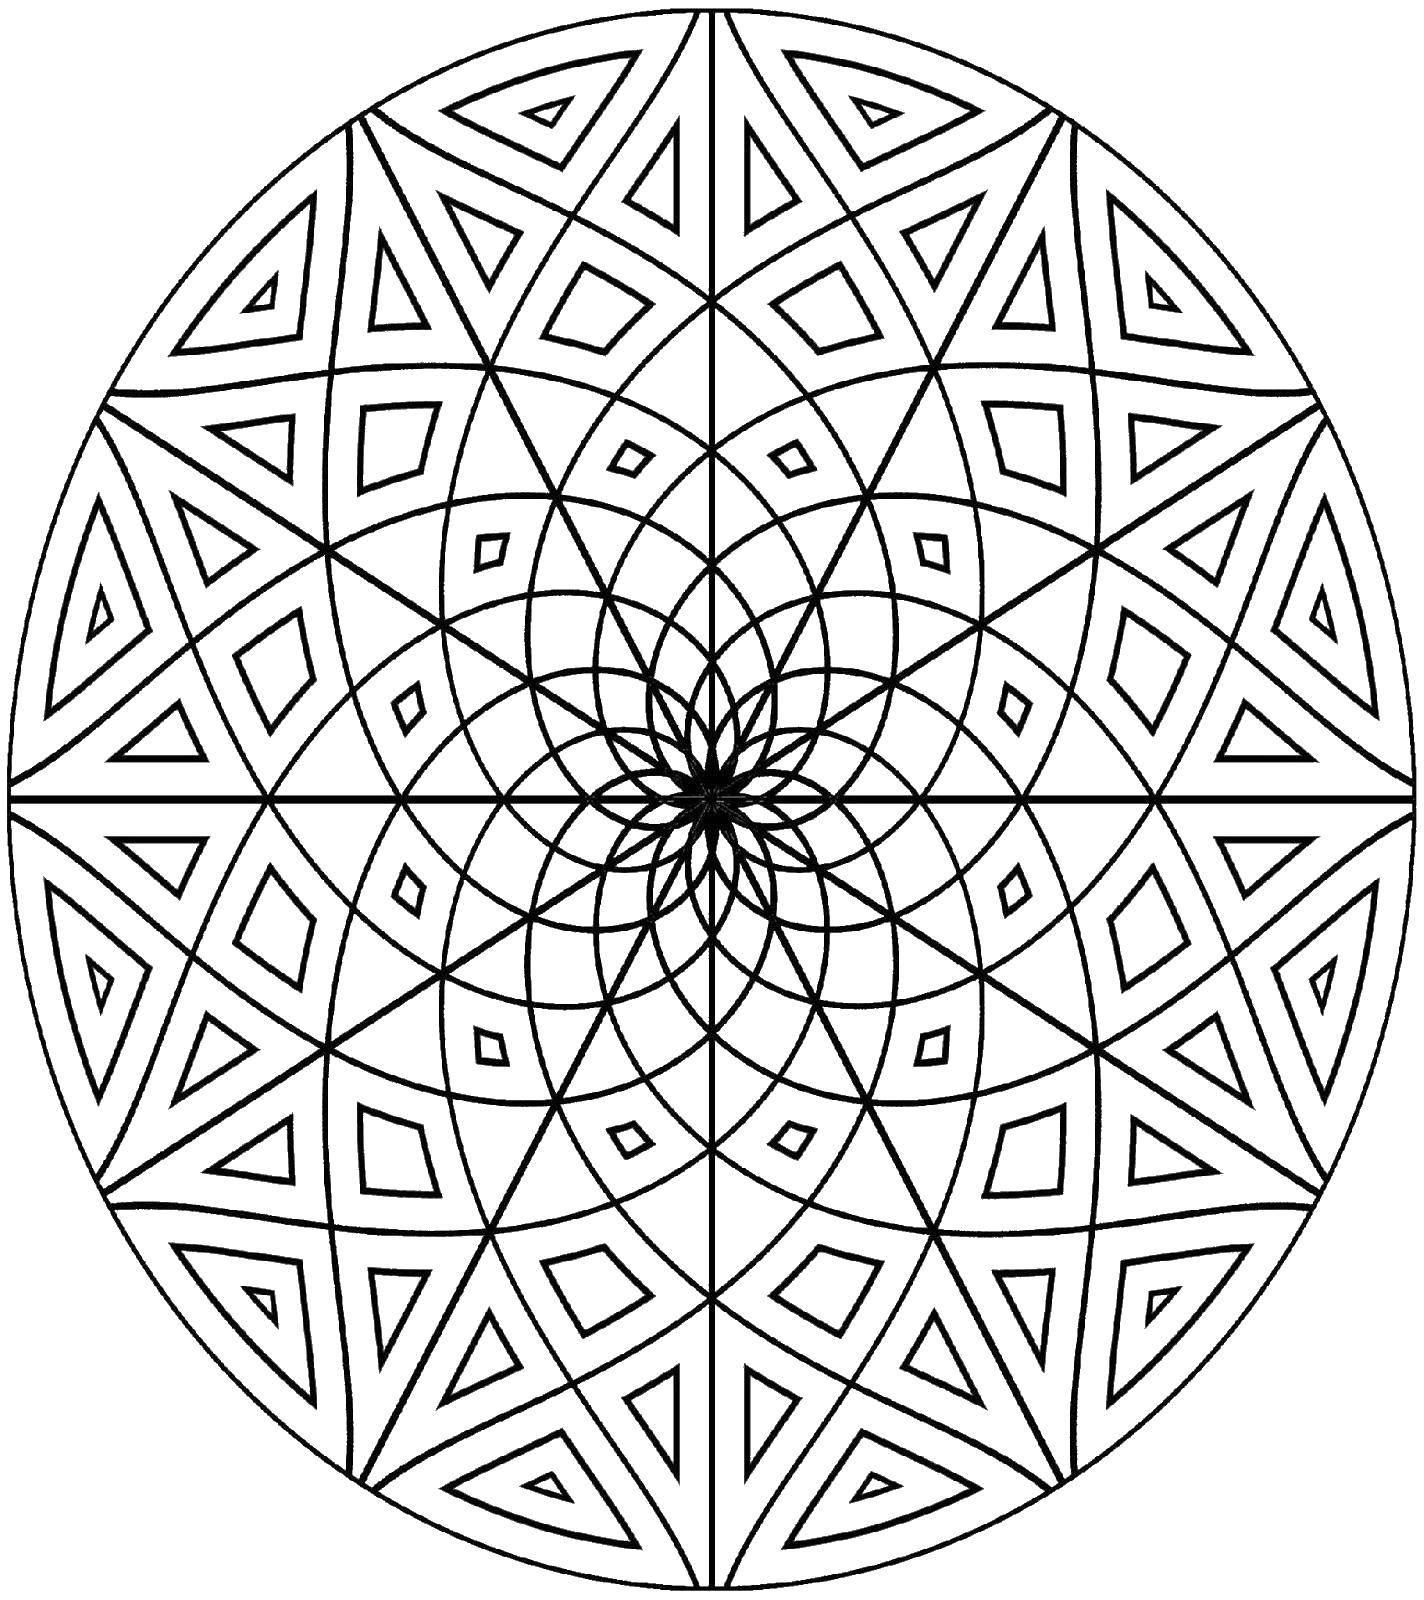 Раскраски геометрические, Страница:4.